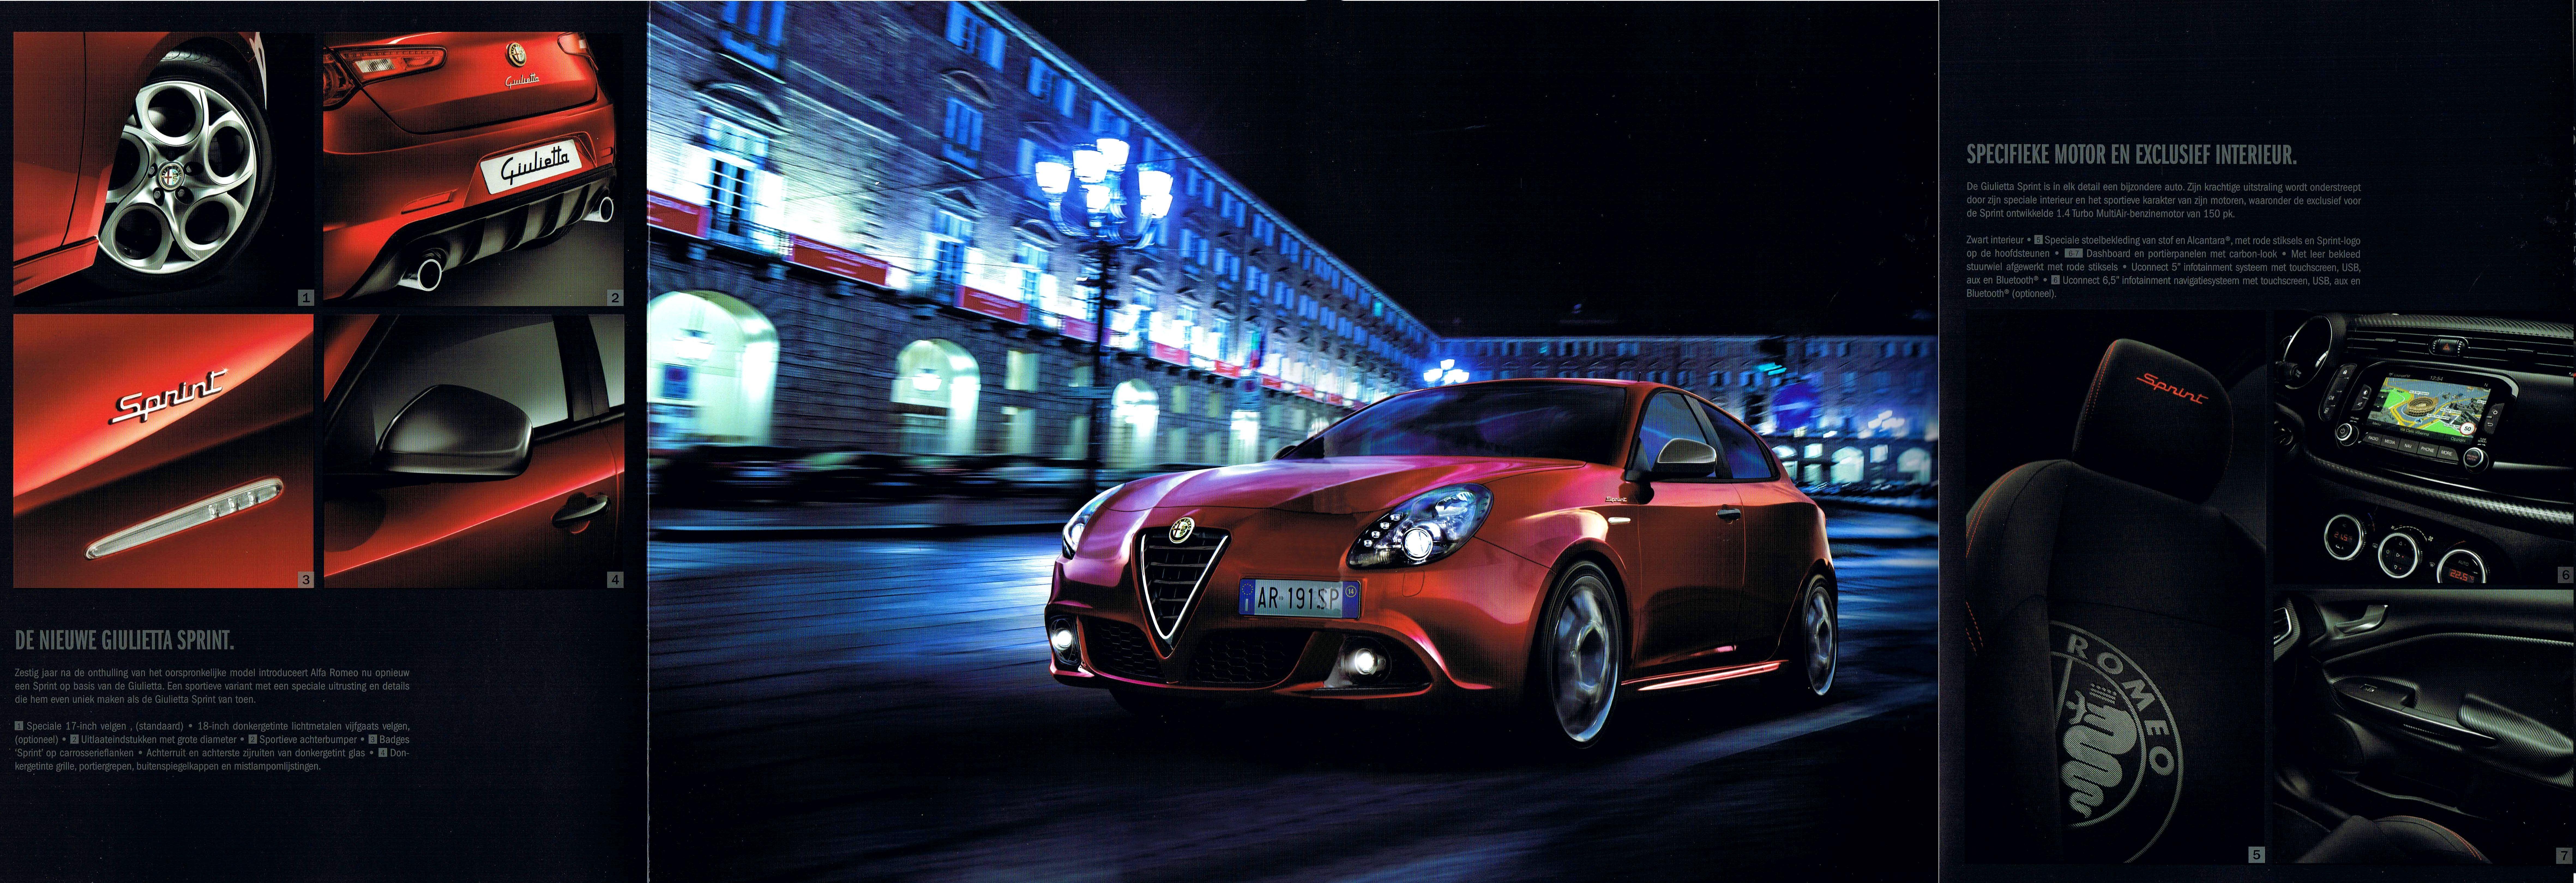 2014 Alfa Romeo Giulietta Brochure